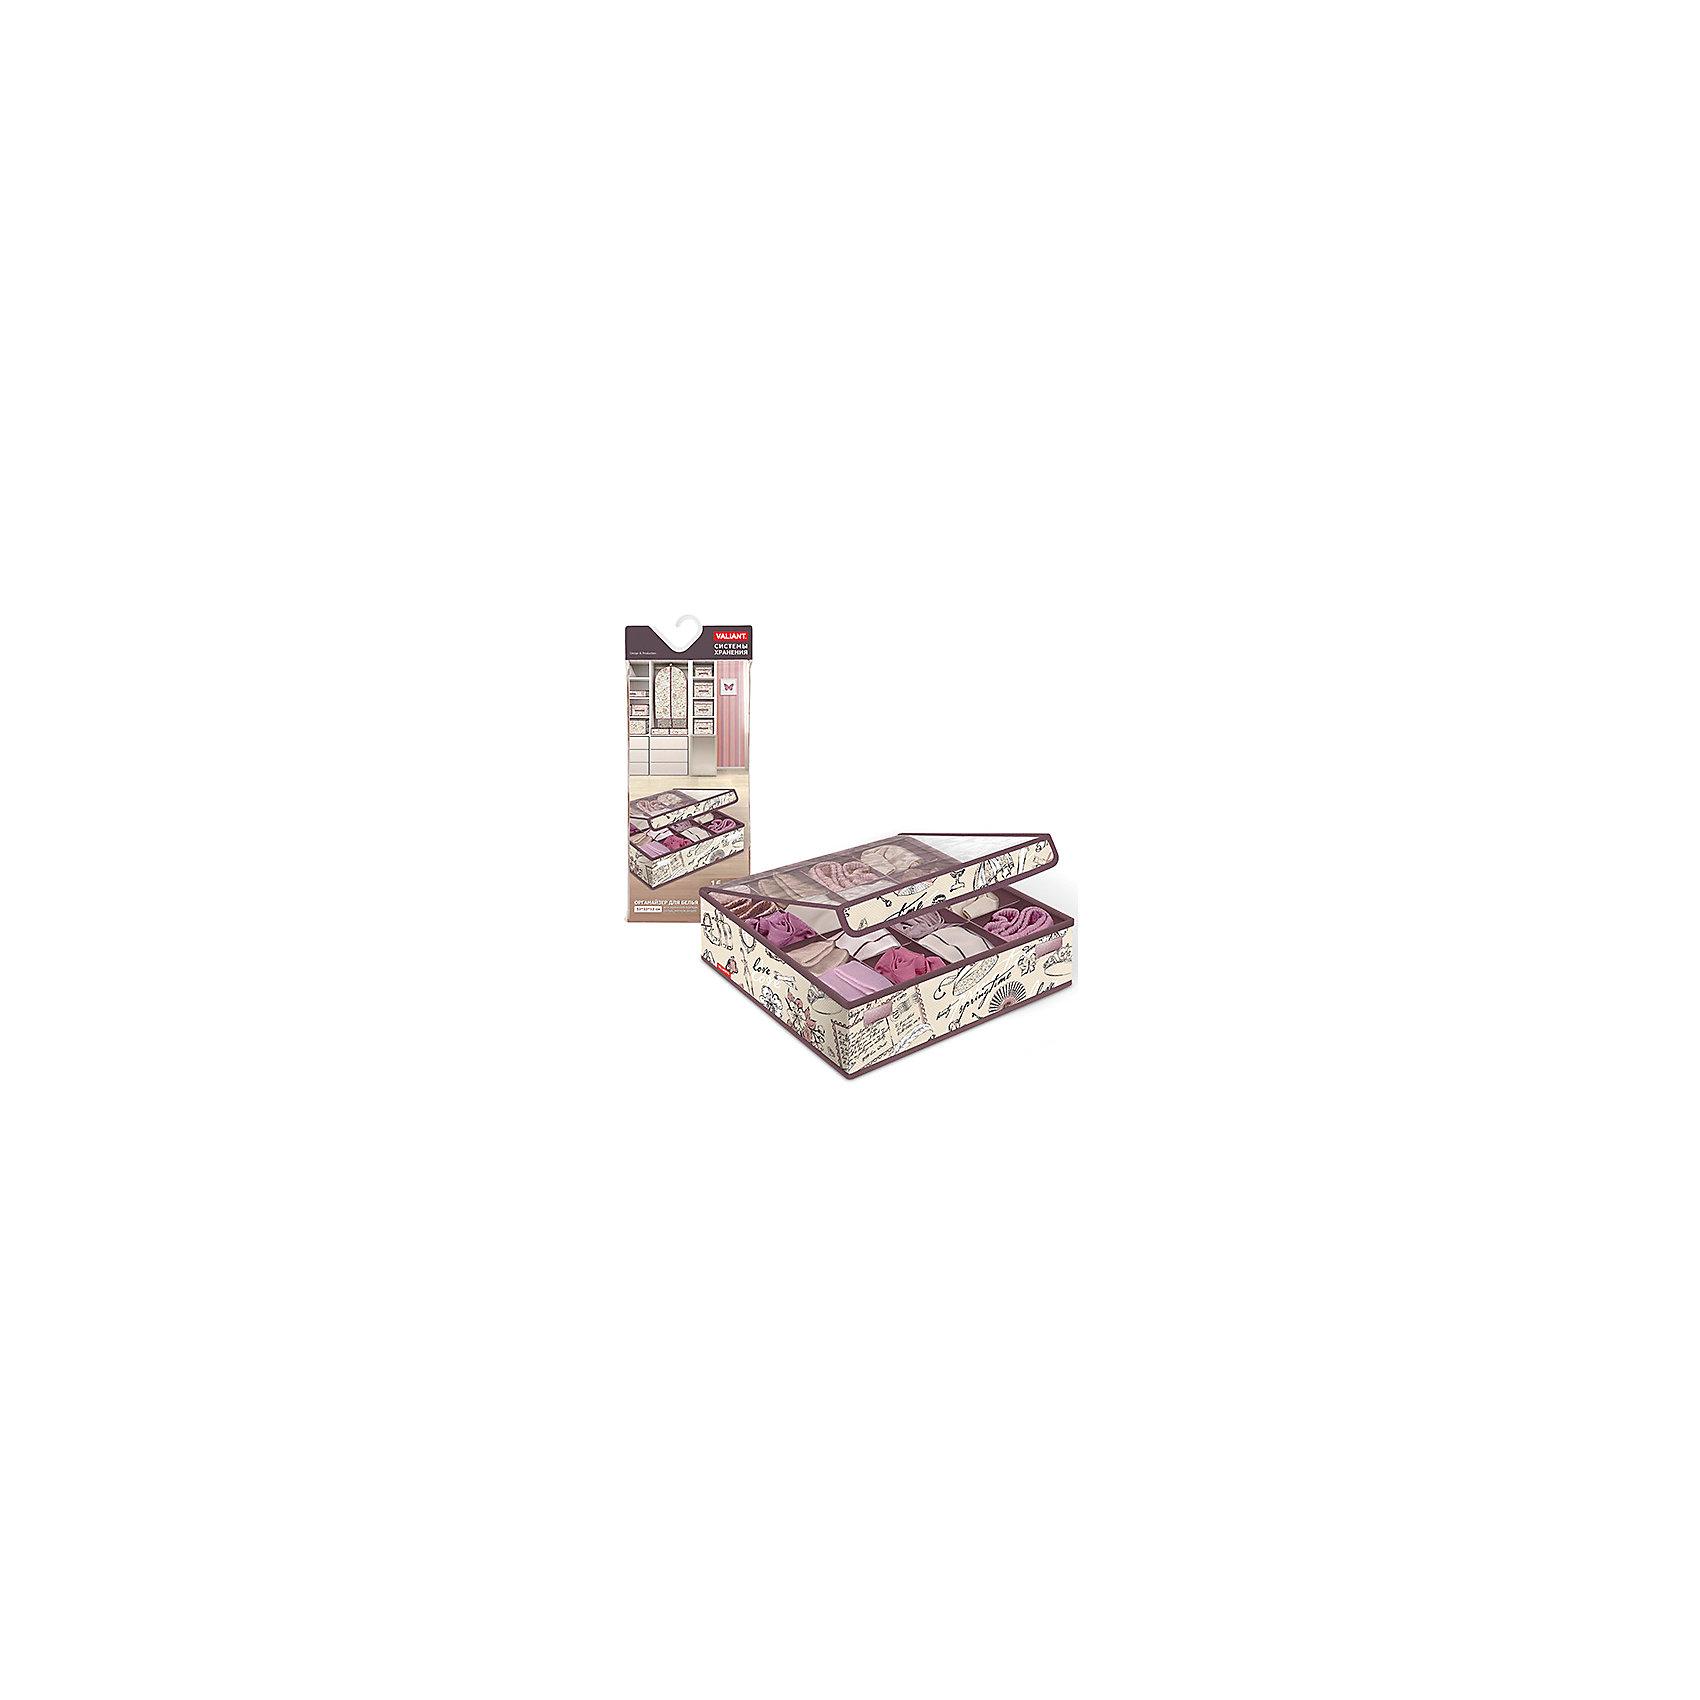 Органайзер для белья и носков с крышкой, 16 секций, 32*32*12 см,  ROMANTIC, Valiant